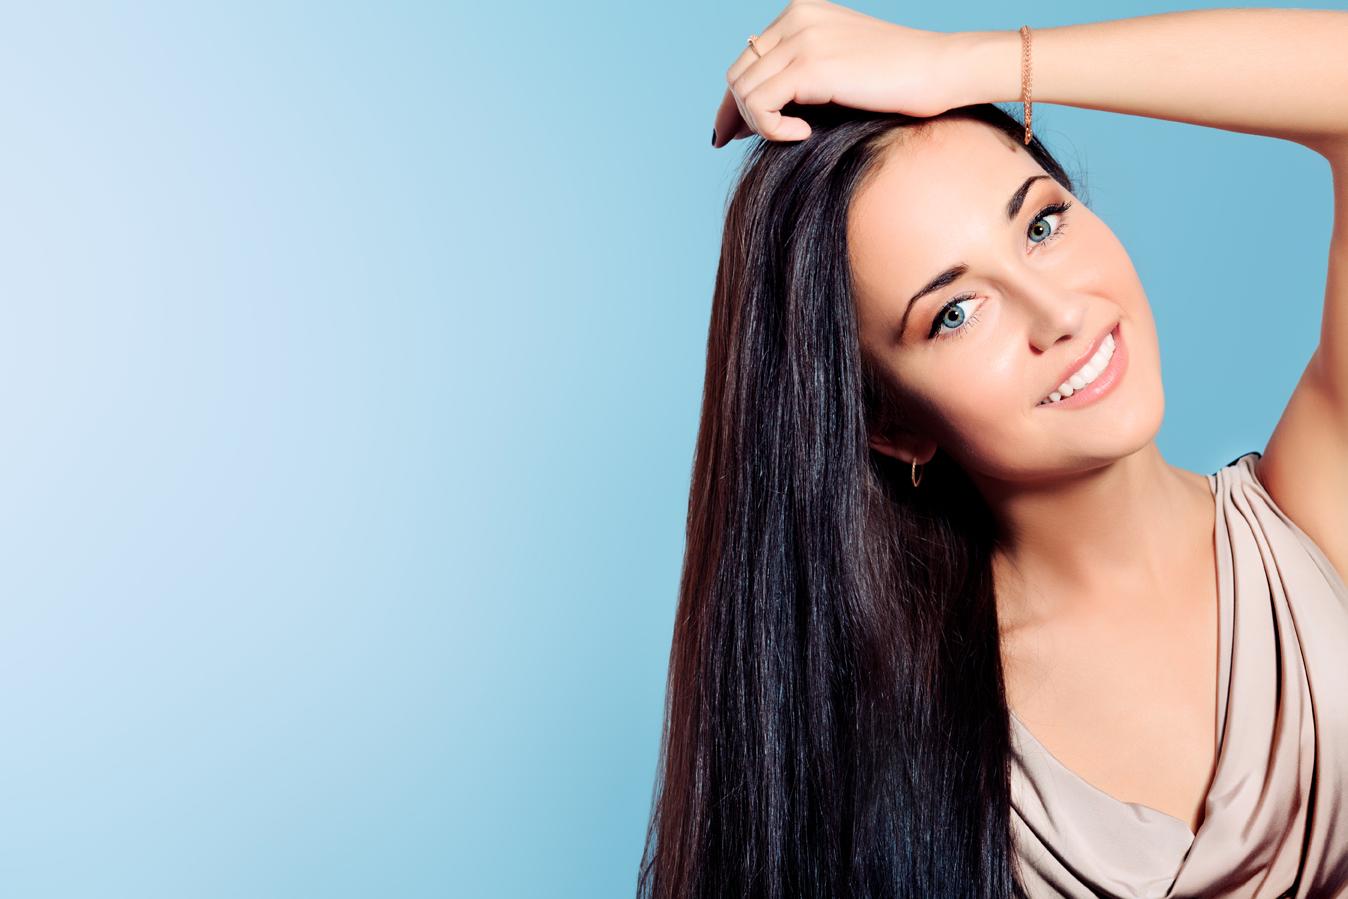 На какие волосы наносить маску для волос мокрые или сухие волосы наносить